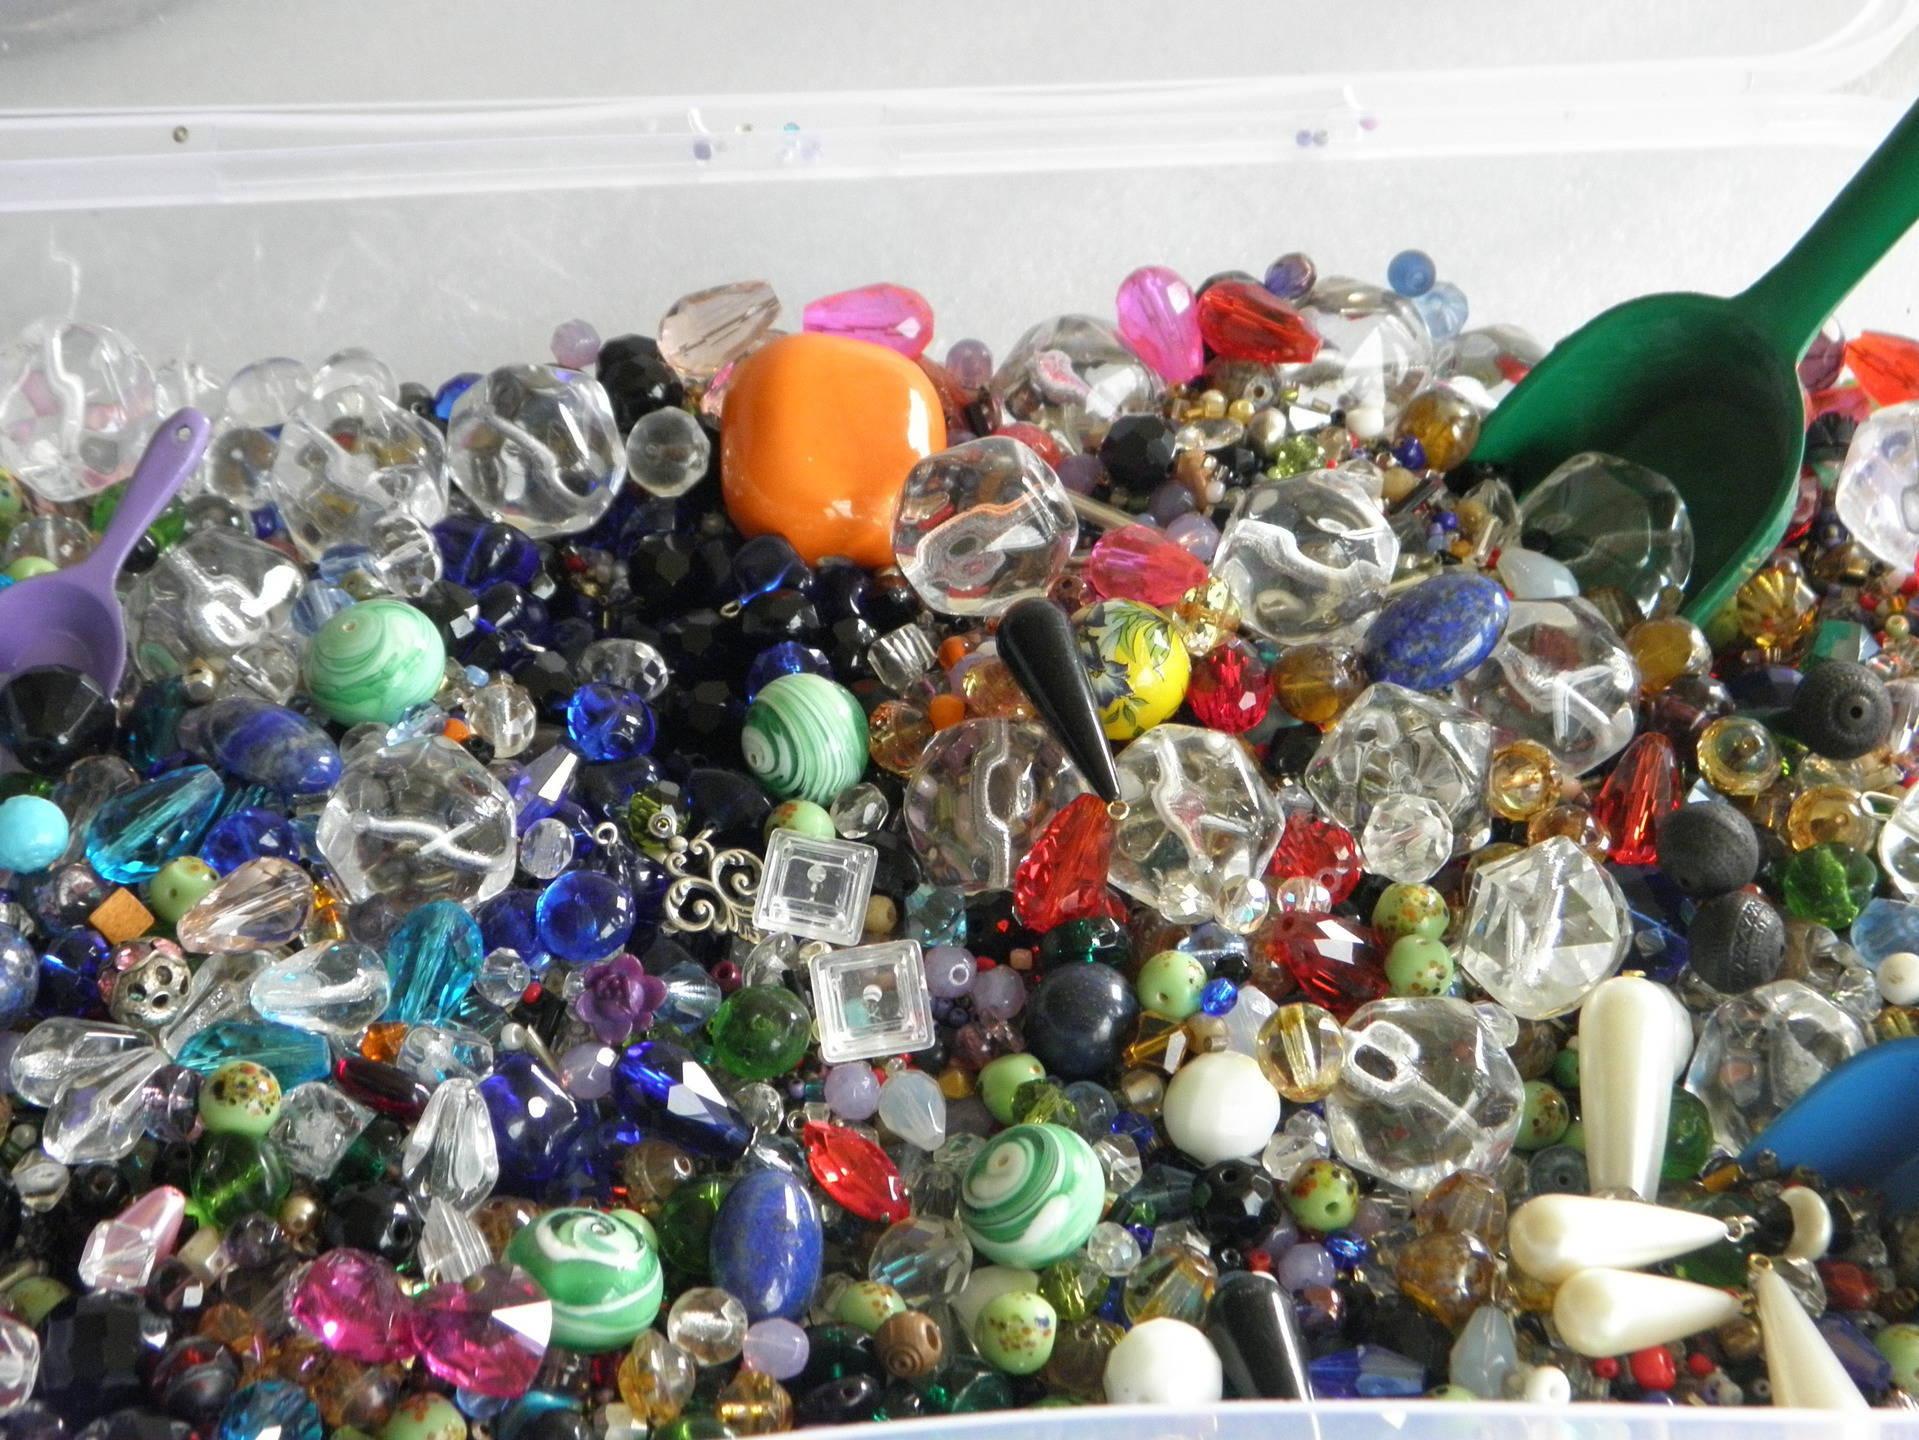 x90 gr de perles vintage (neuves !) en vrac - essentiellement en verre et céramique